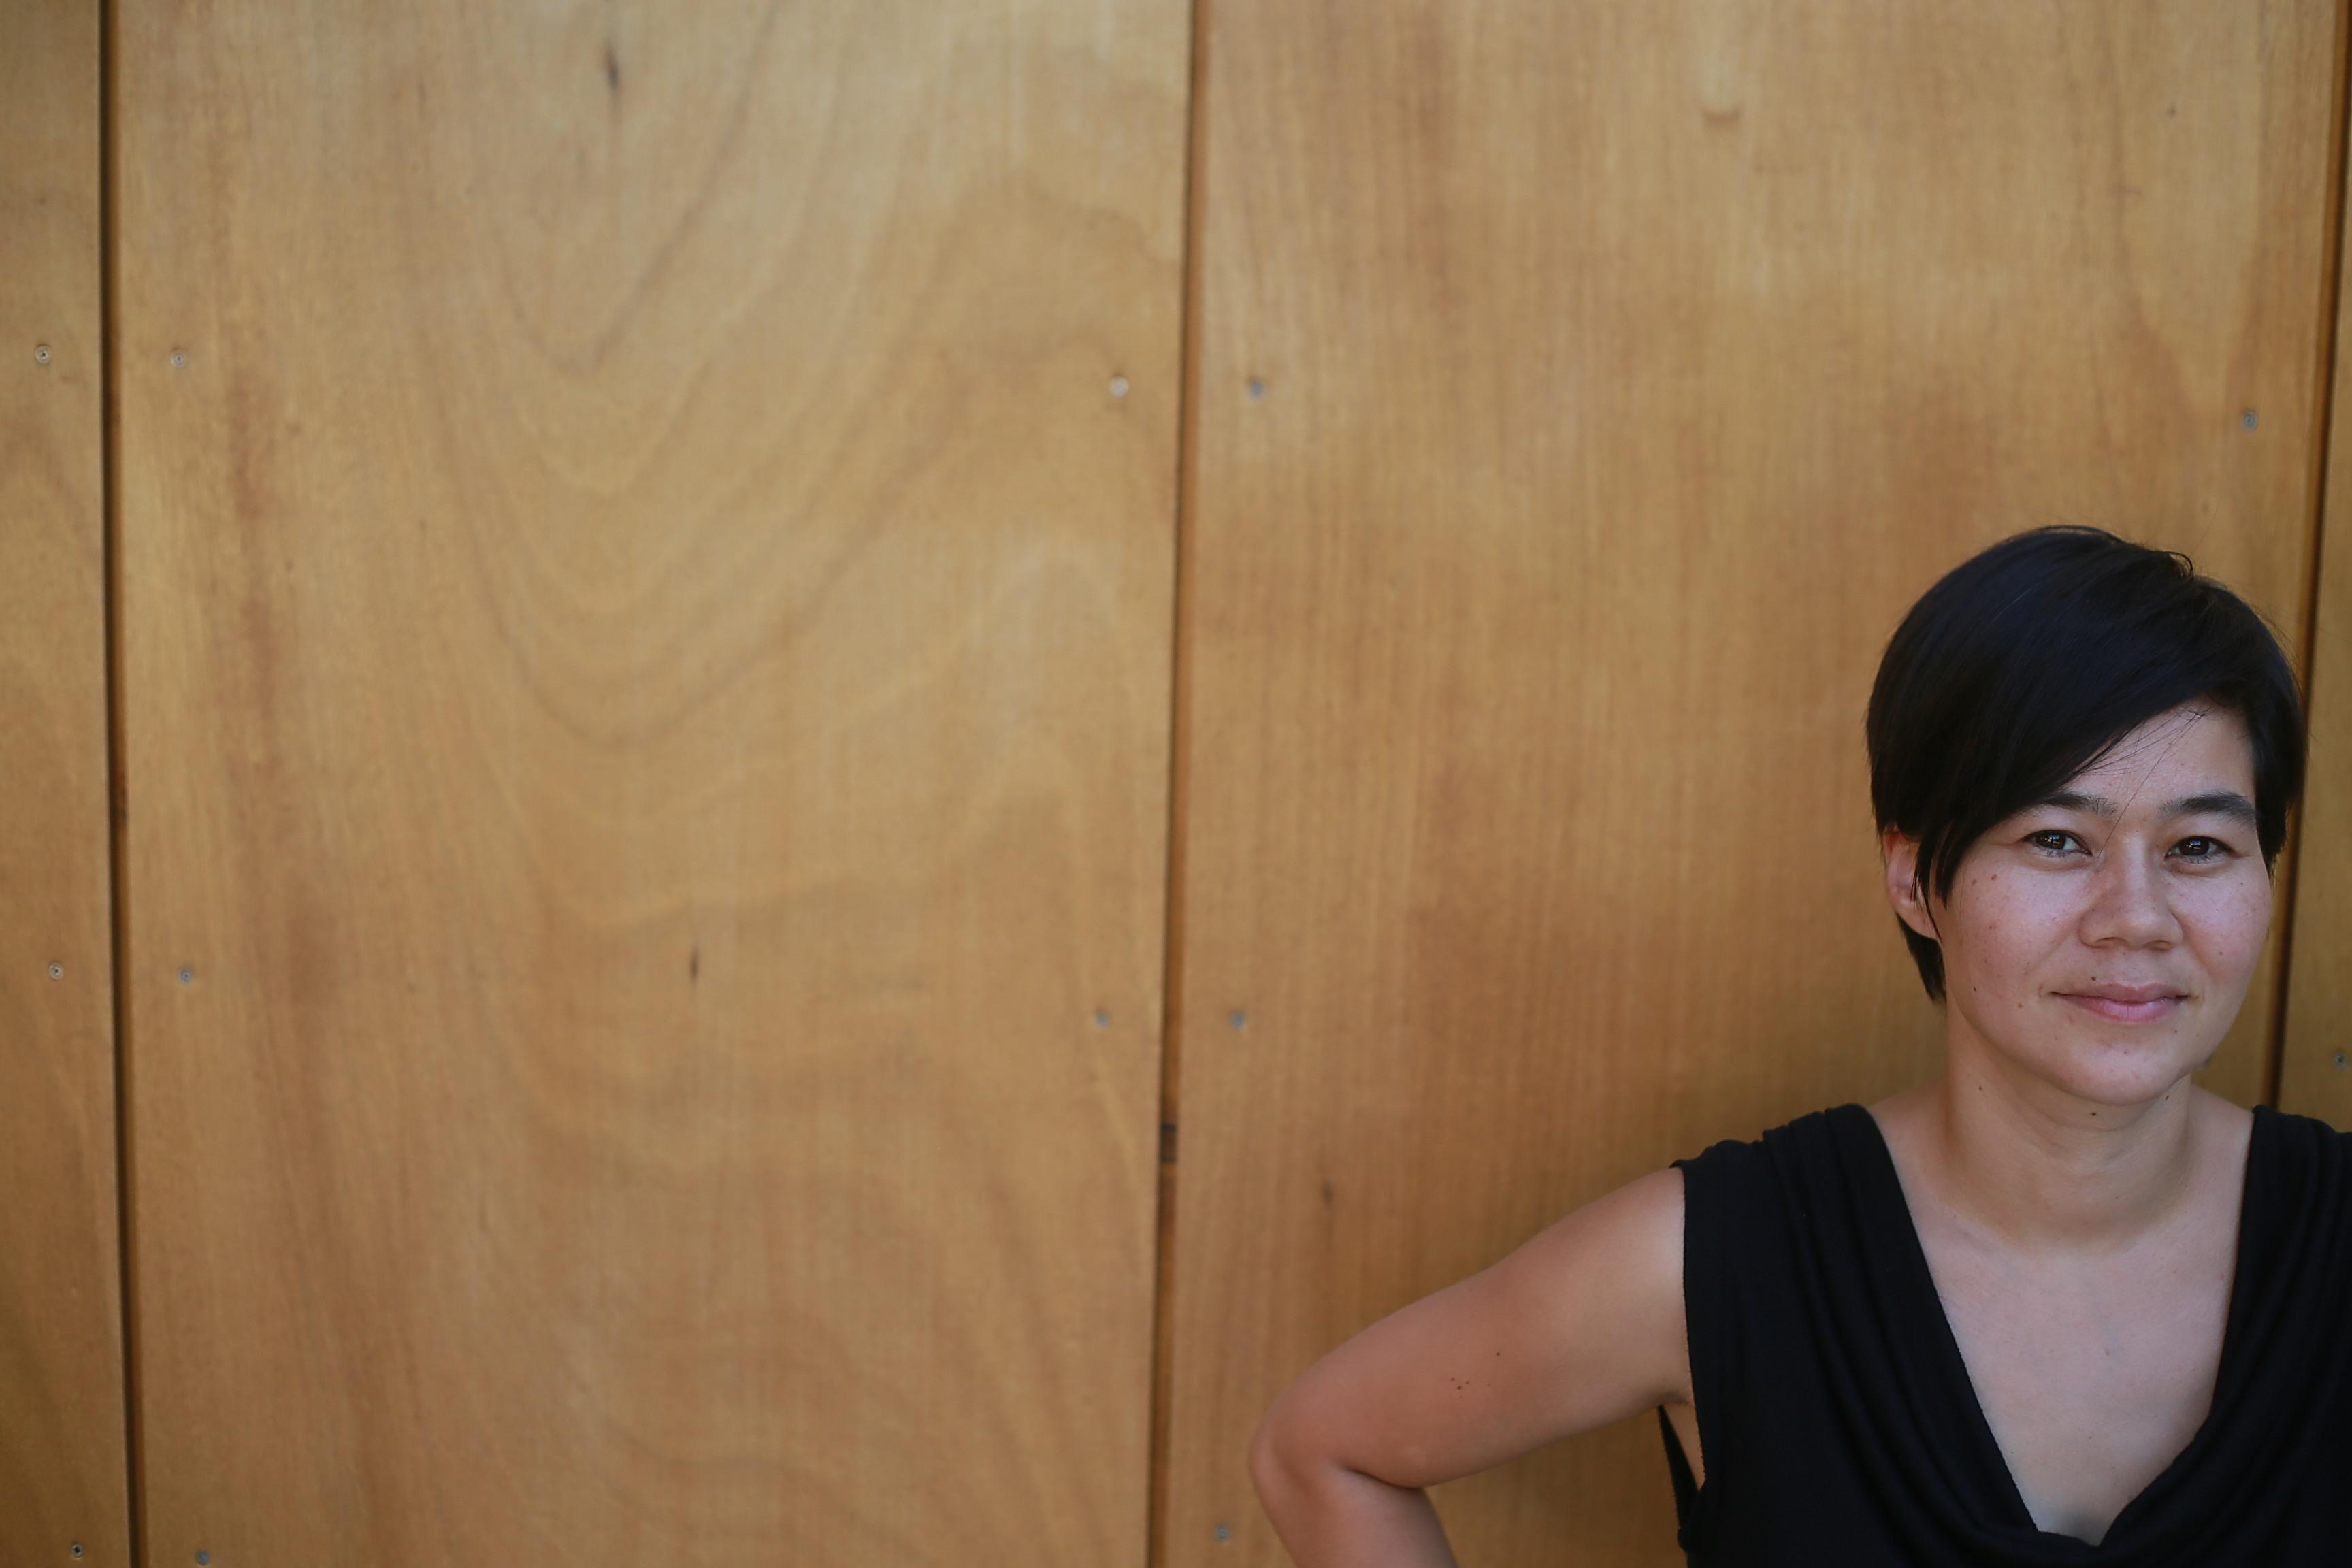 maria seisenbacher - bach mate foto (2)